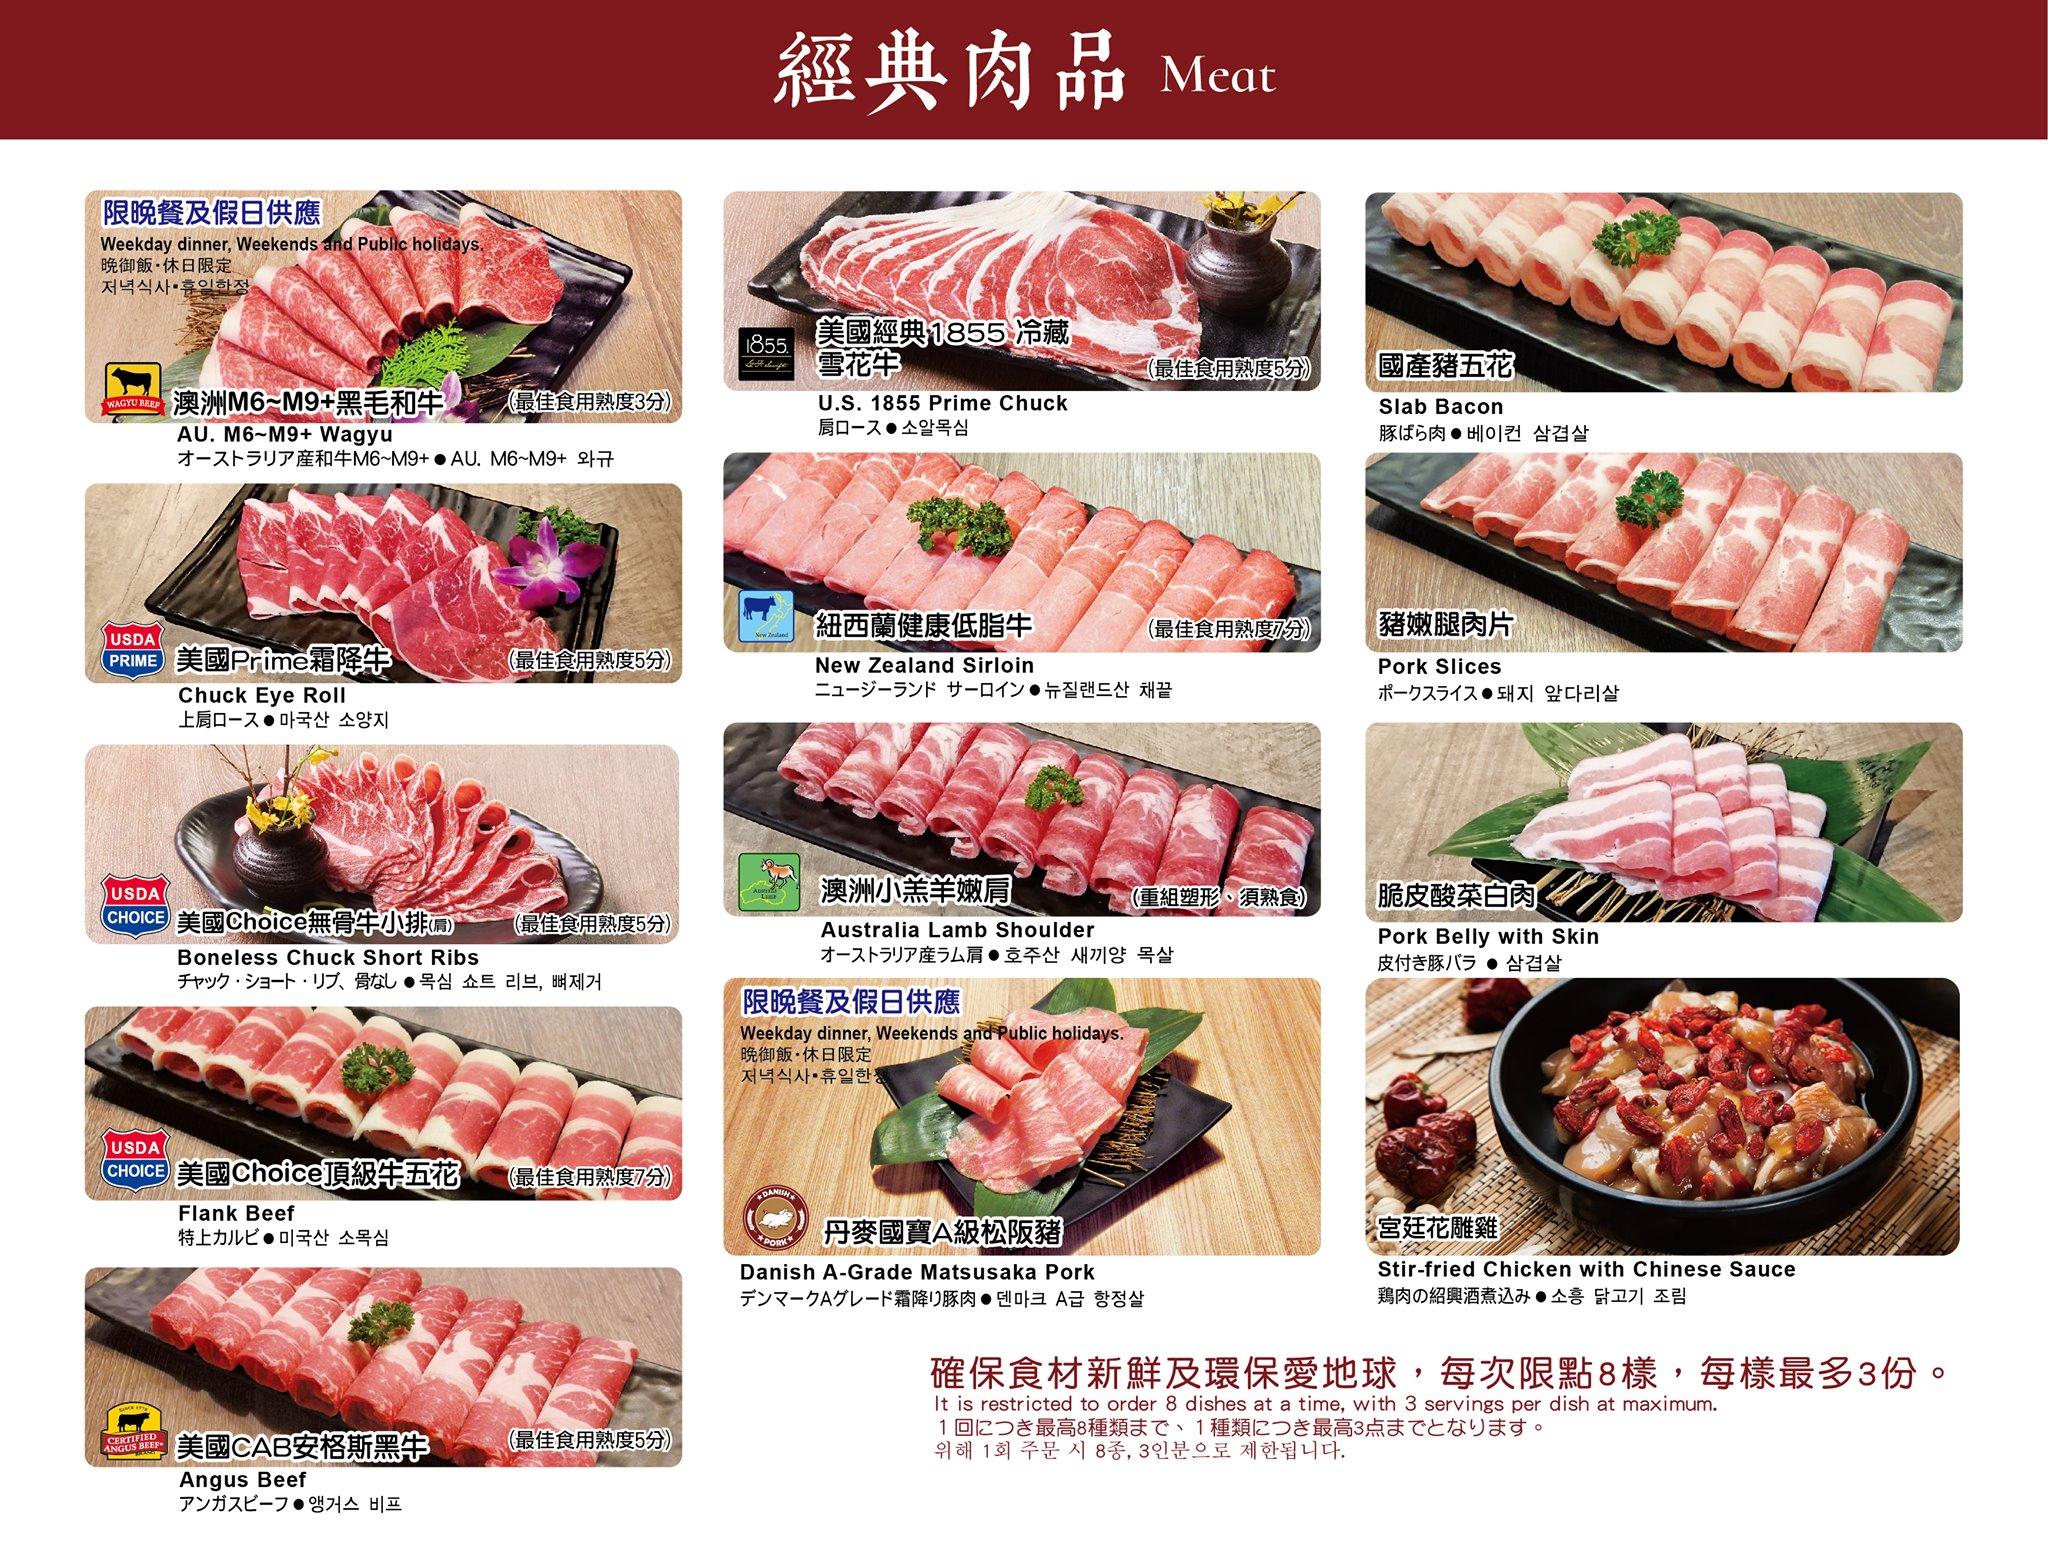 也就是份量比較多的比較平價的肉品,一次會給四片